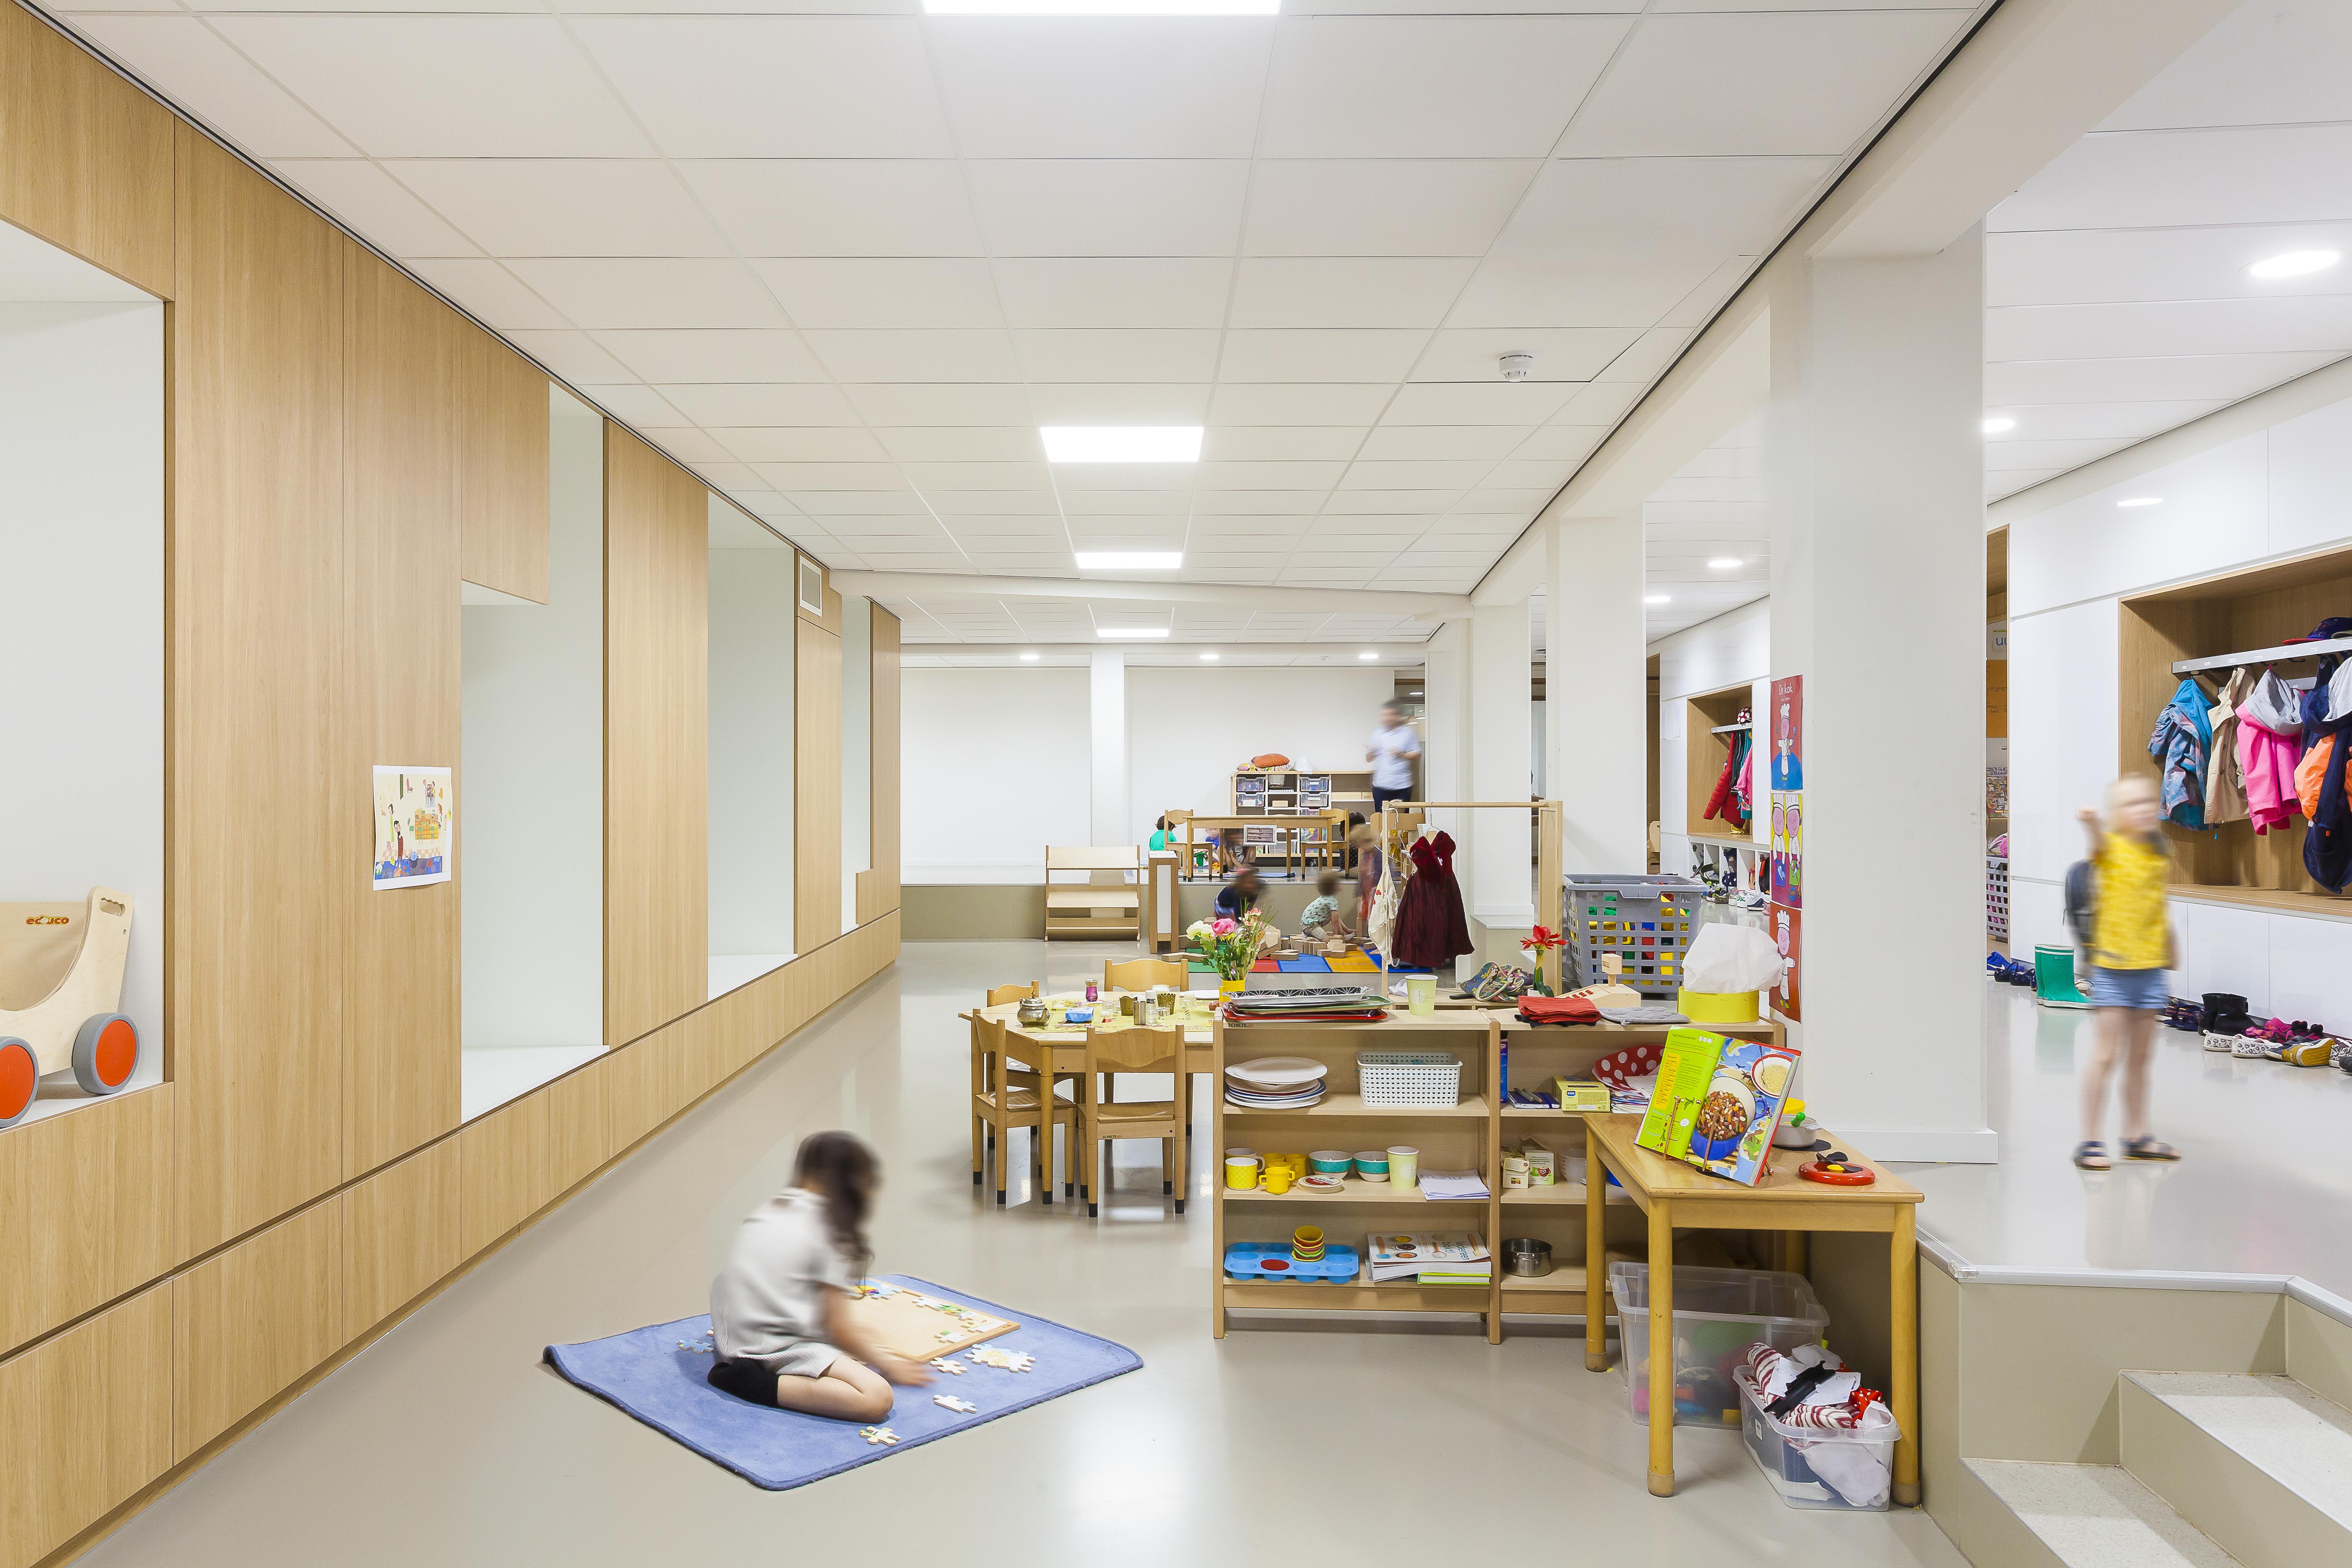 <p>De Nieuwe Internationale School Esprit Amsterdam door Paul de Ruiter Architects. Beeld Sonia Arrepia</p>